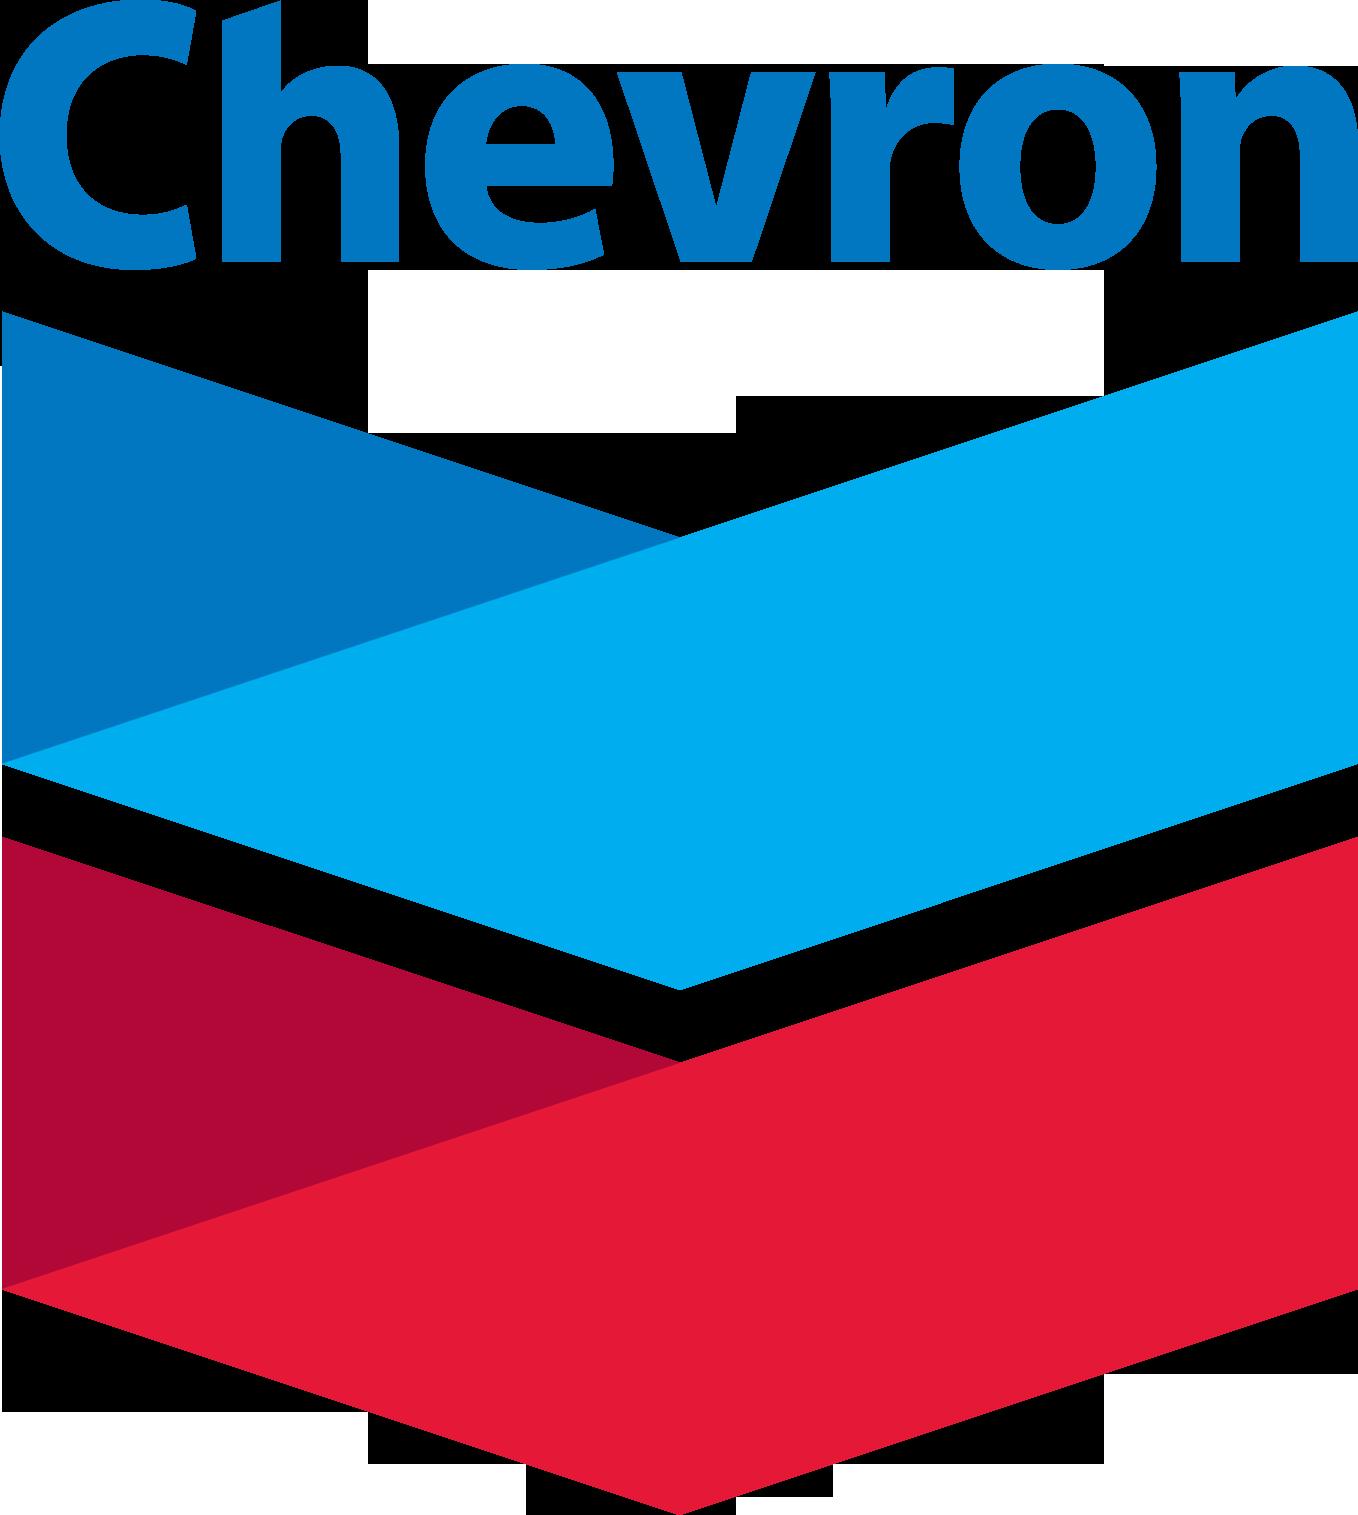 Number One Chevron No Competition Biz Builder Com